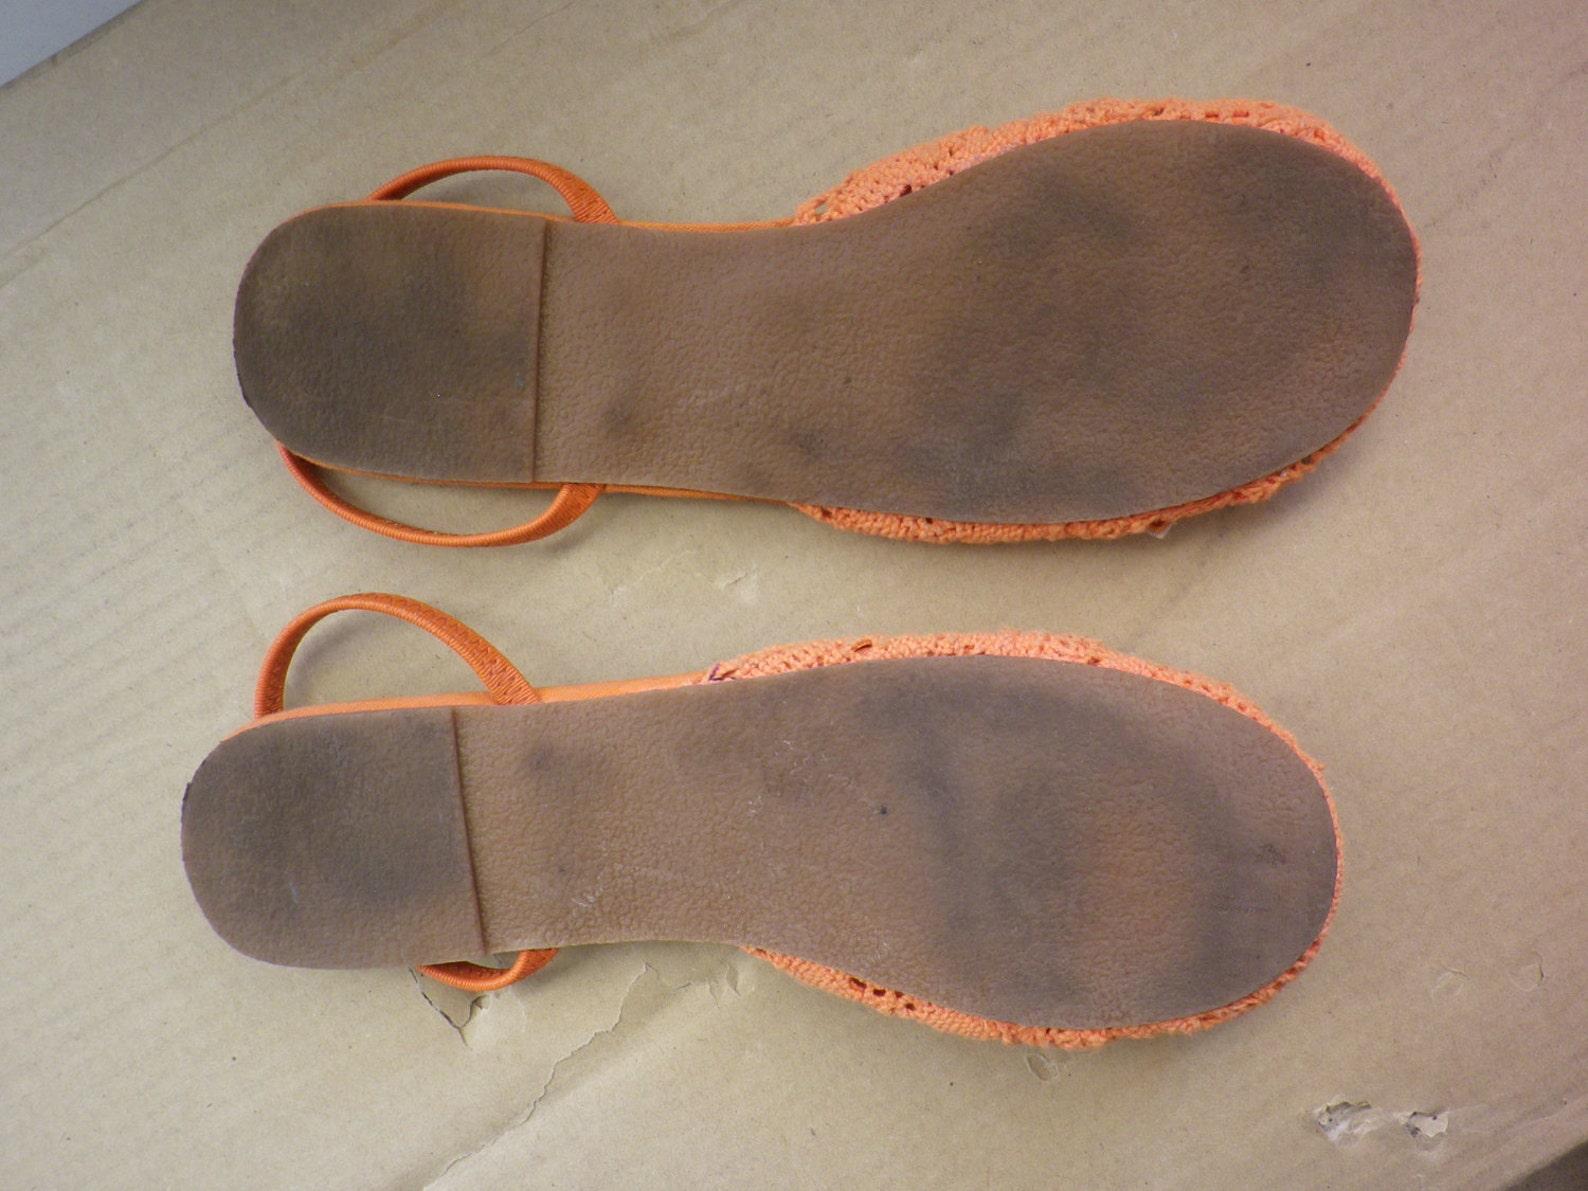 ballet flats shoes vintage slingback, cotton, lace crochet, orange color, size 39, us 7.5 uk 6